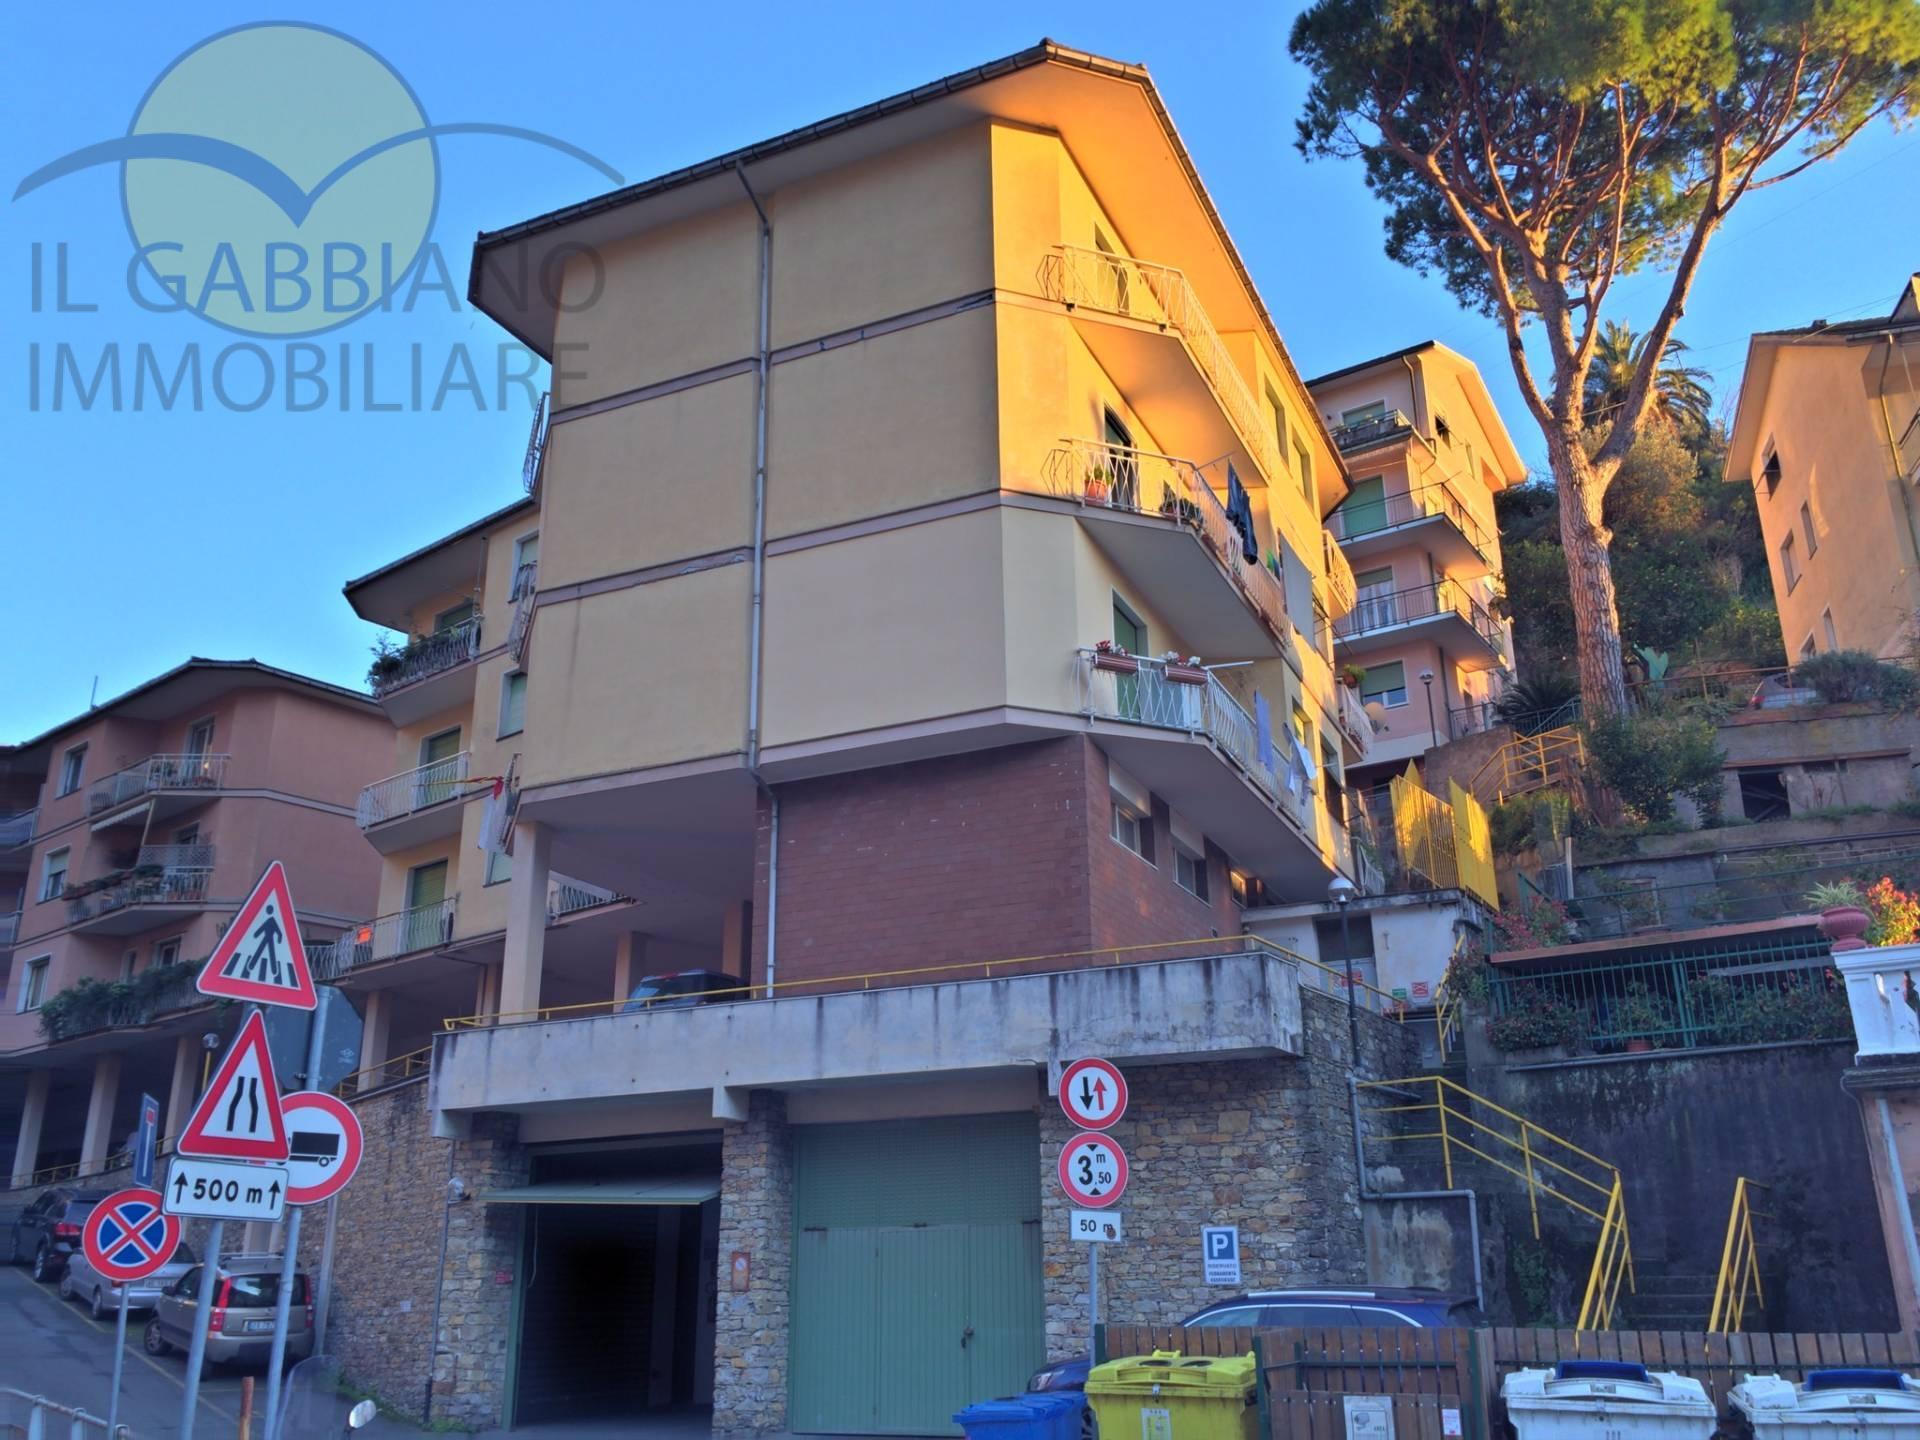 Appartamento in vendita a Sori, 6 locali, zona Località: sori, prezzo € 250.000 | Cambio Casa.it